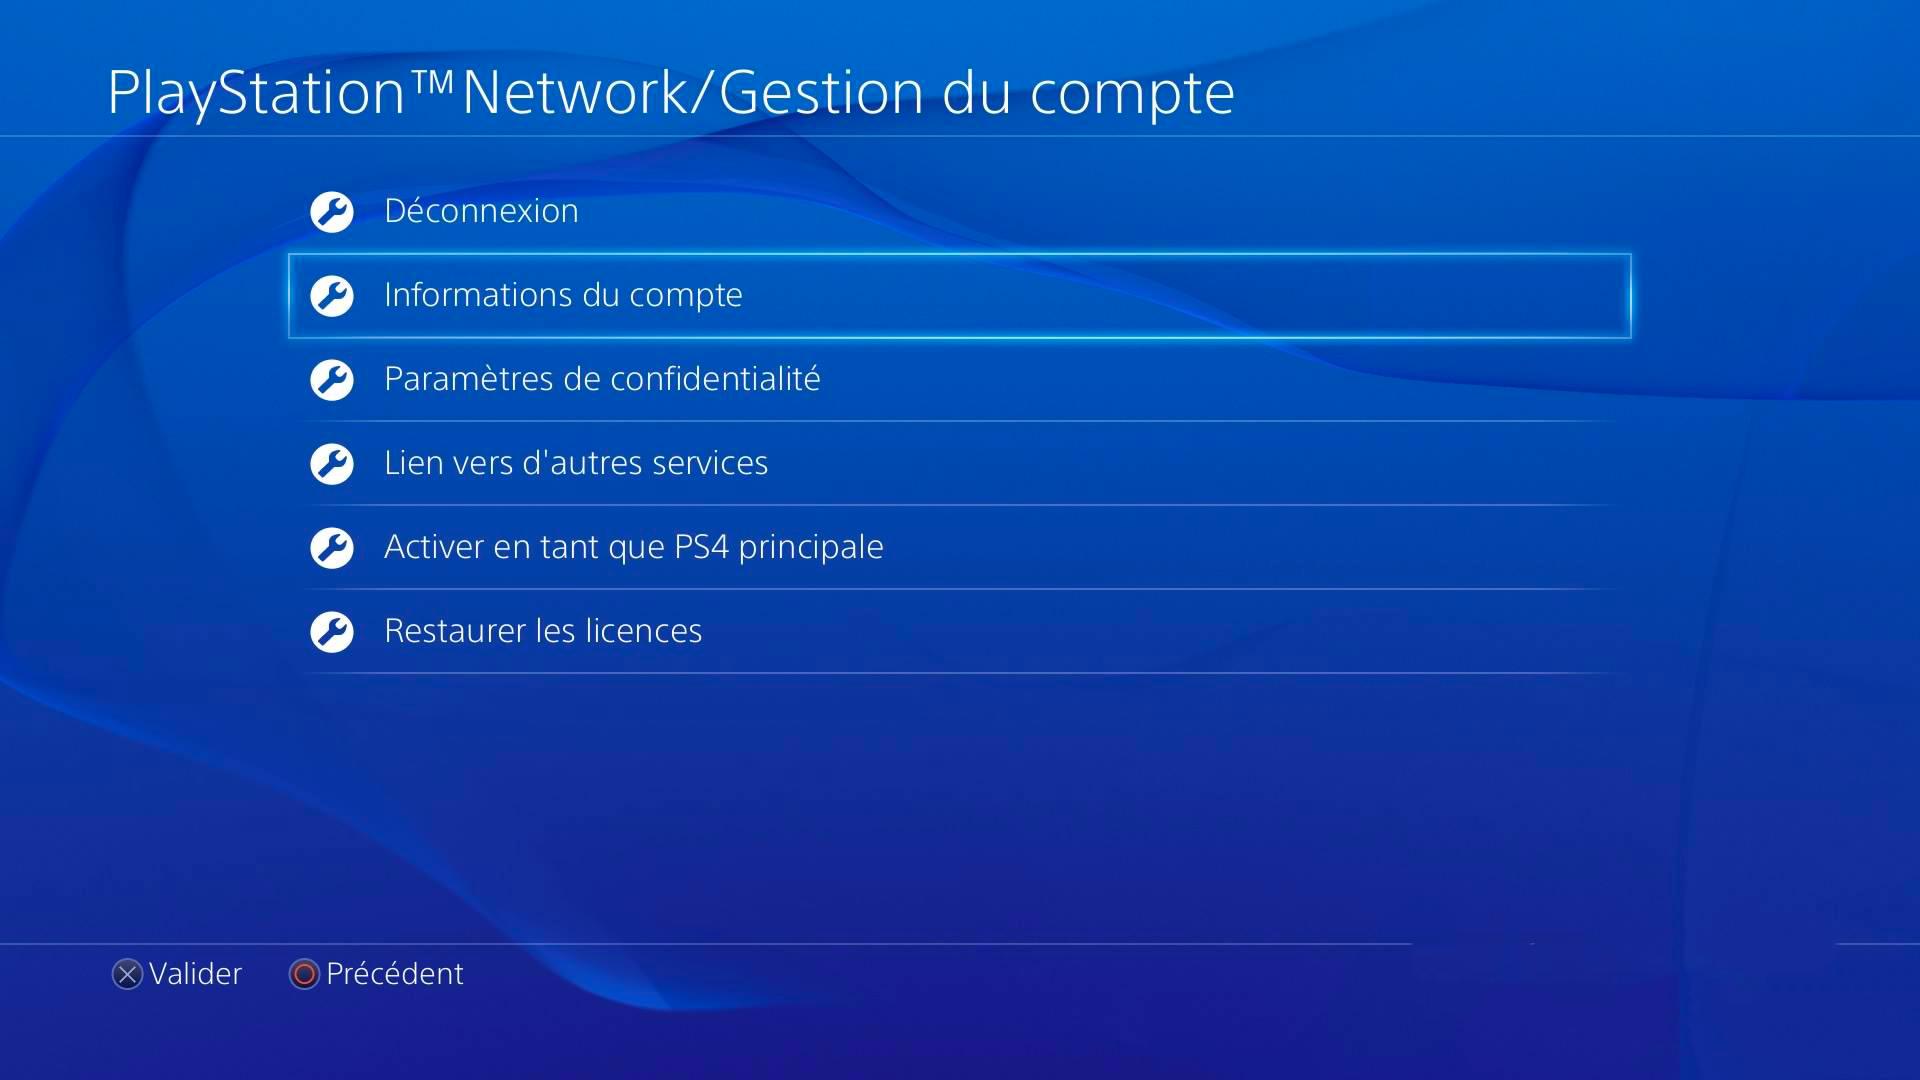 Désabonnement Playstation Plus étape 3 : Informations du compte PSN